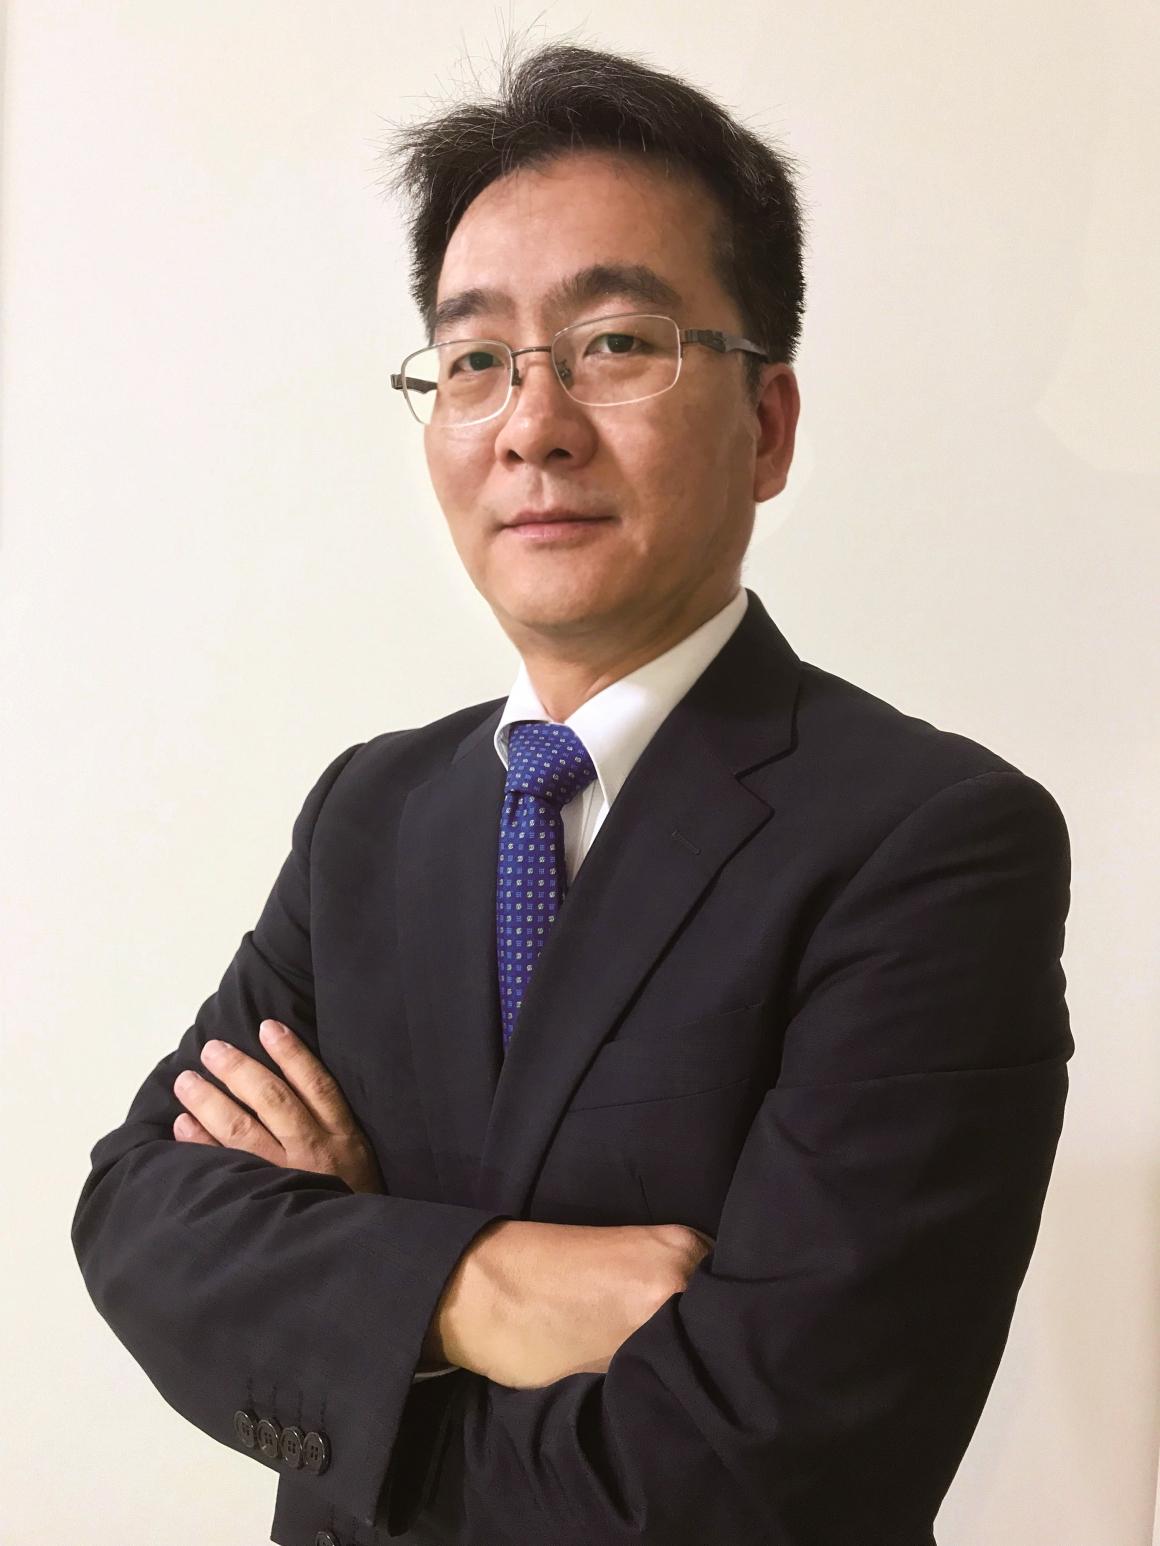 益登科技韓國分公司總經理郭應吉